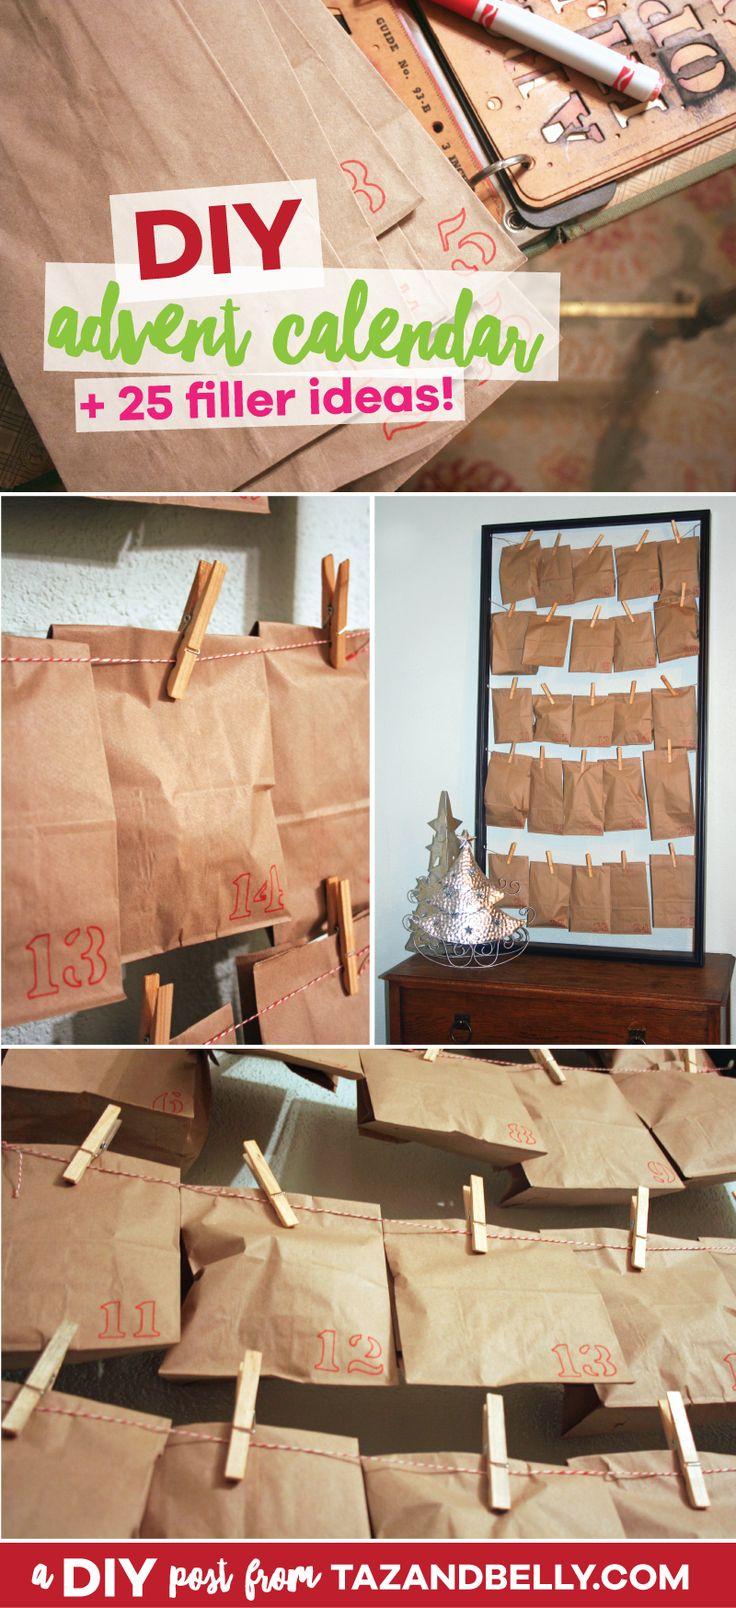 DIY Advent Calendar Tutorial + 25 Filler Ideas! | tazandbelly.com